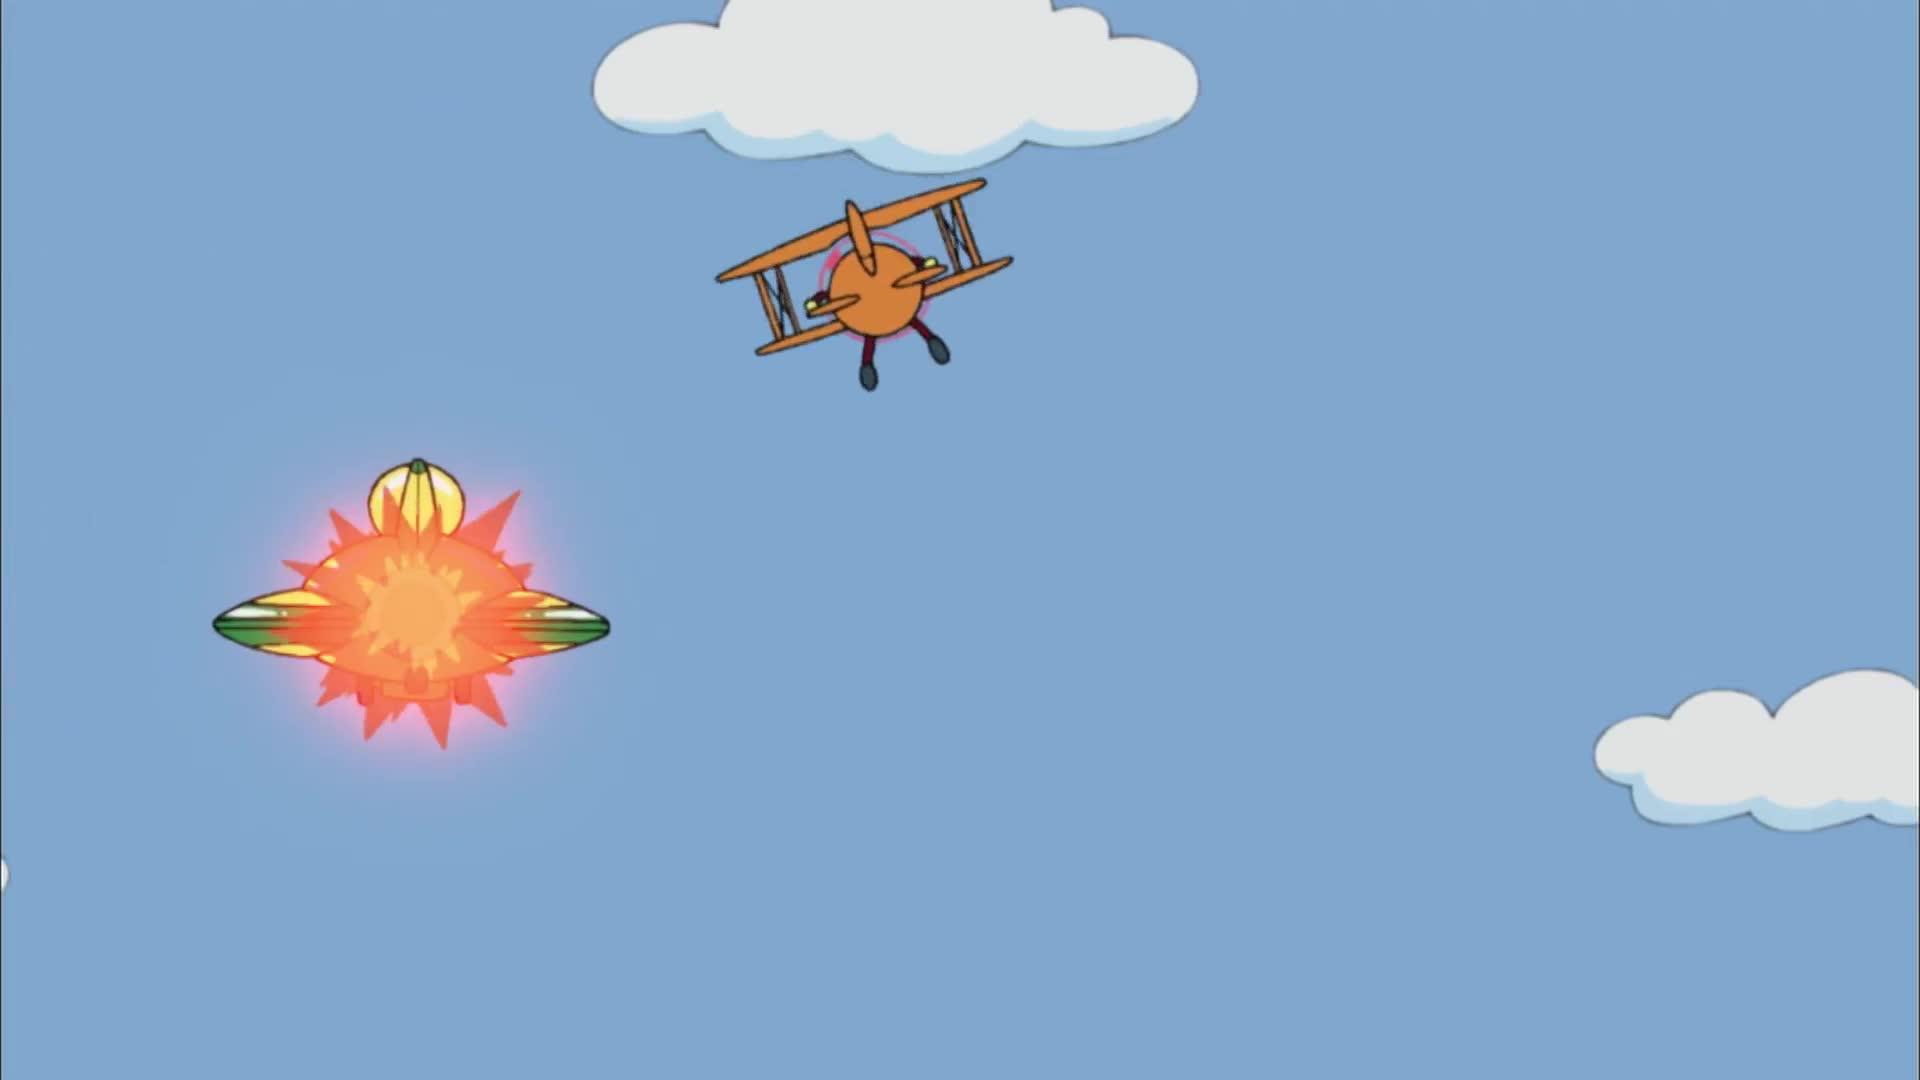 16화 양철로봇과 날개